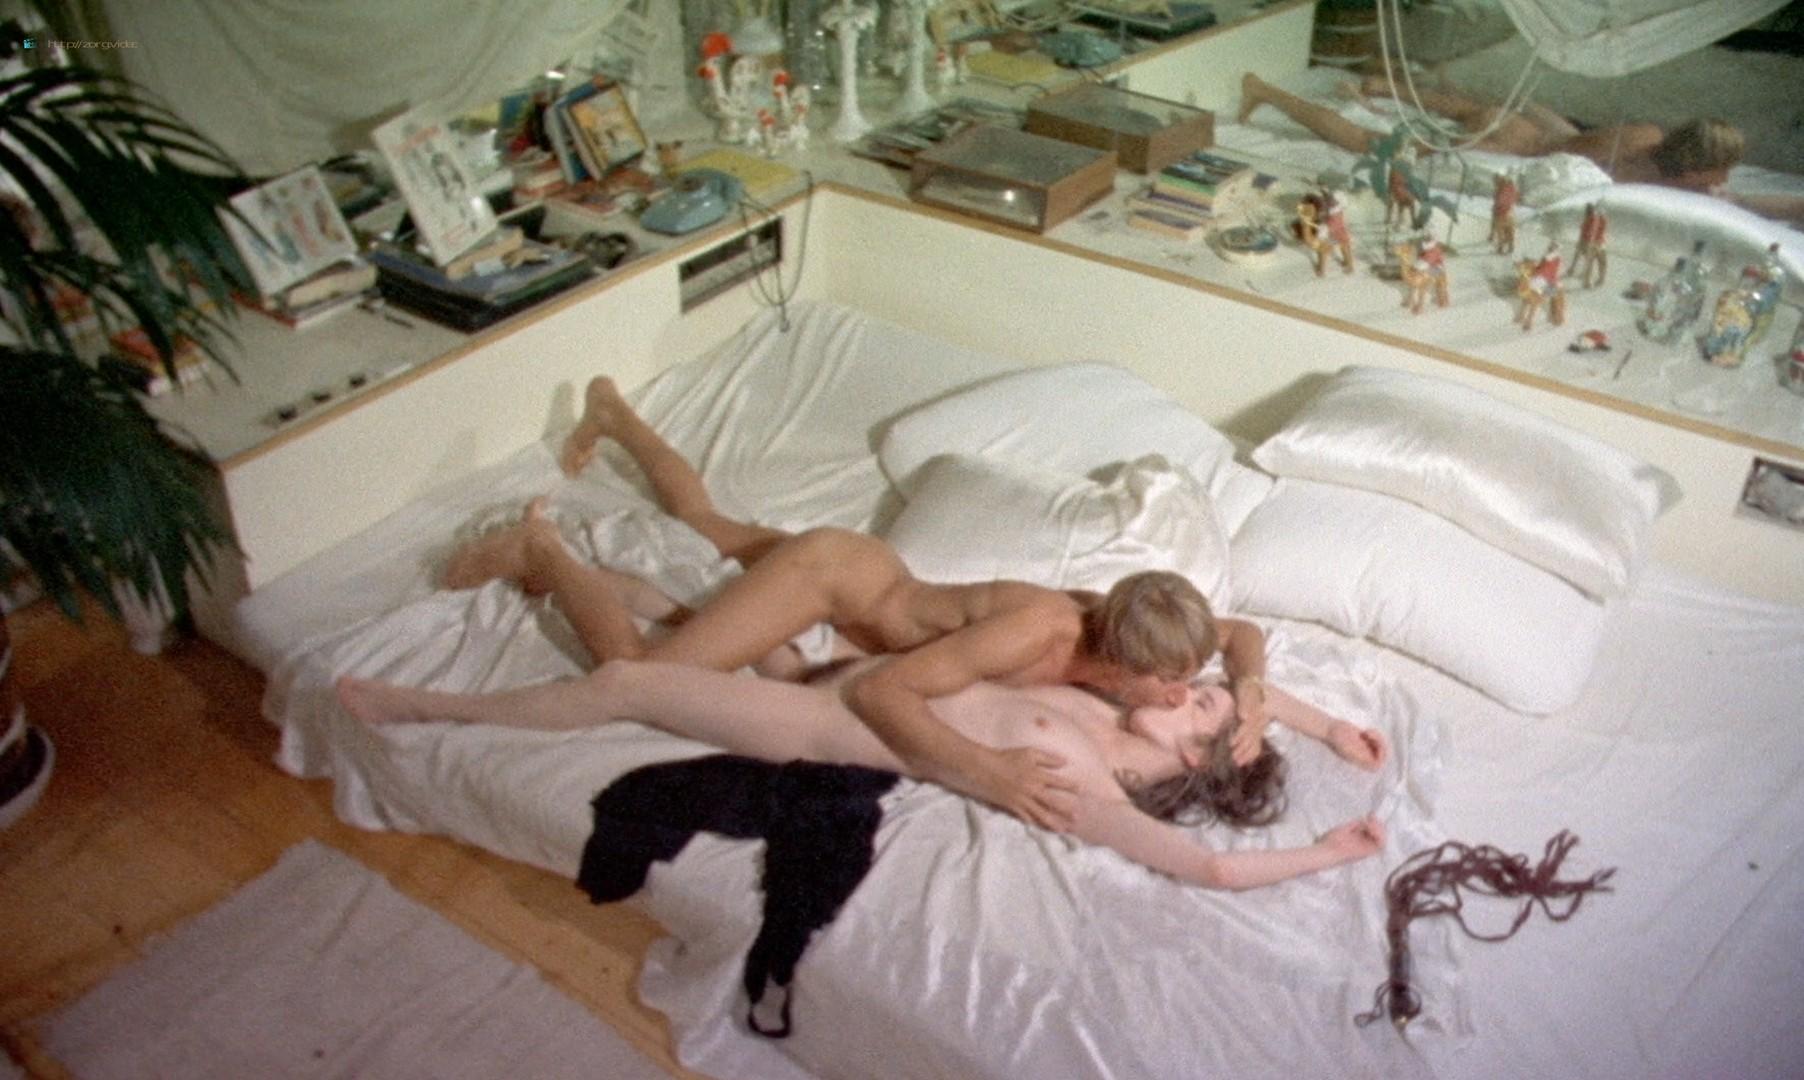 Leonora Fani nude full frontal Mariangela Giordano bush and hot sex - Giallo a venezia (1979) HD 1080p BluRay REMUX (13)